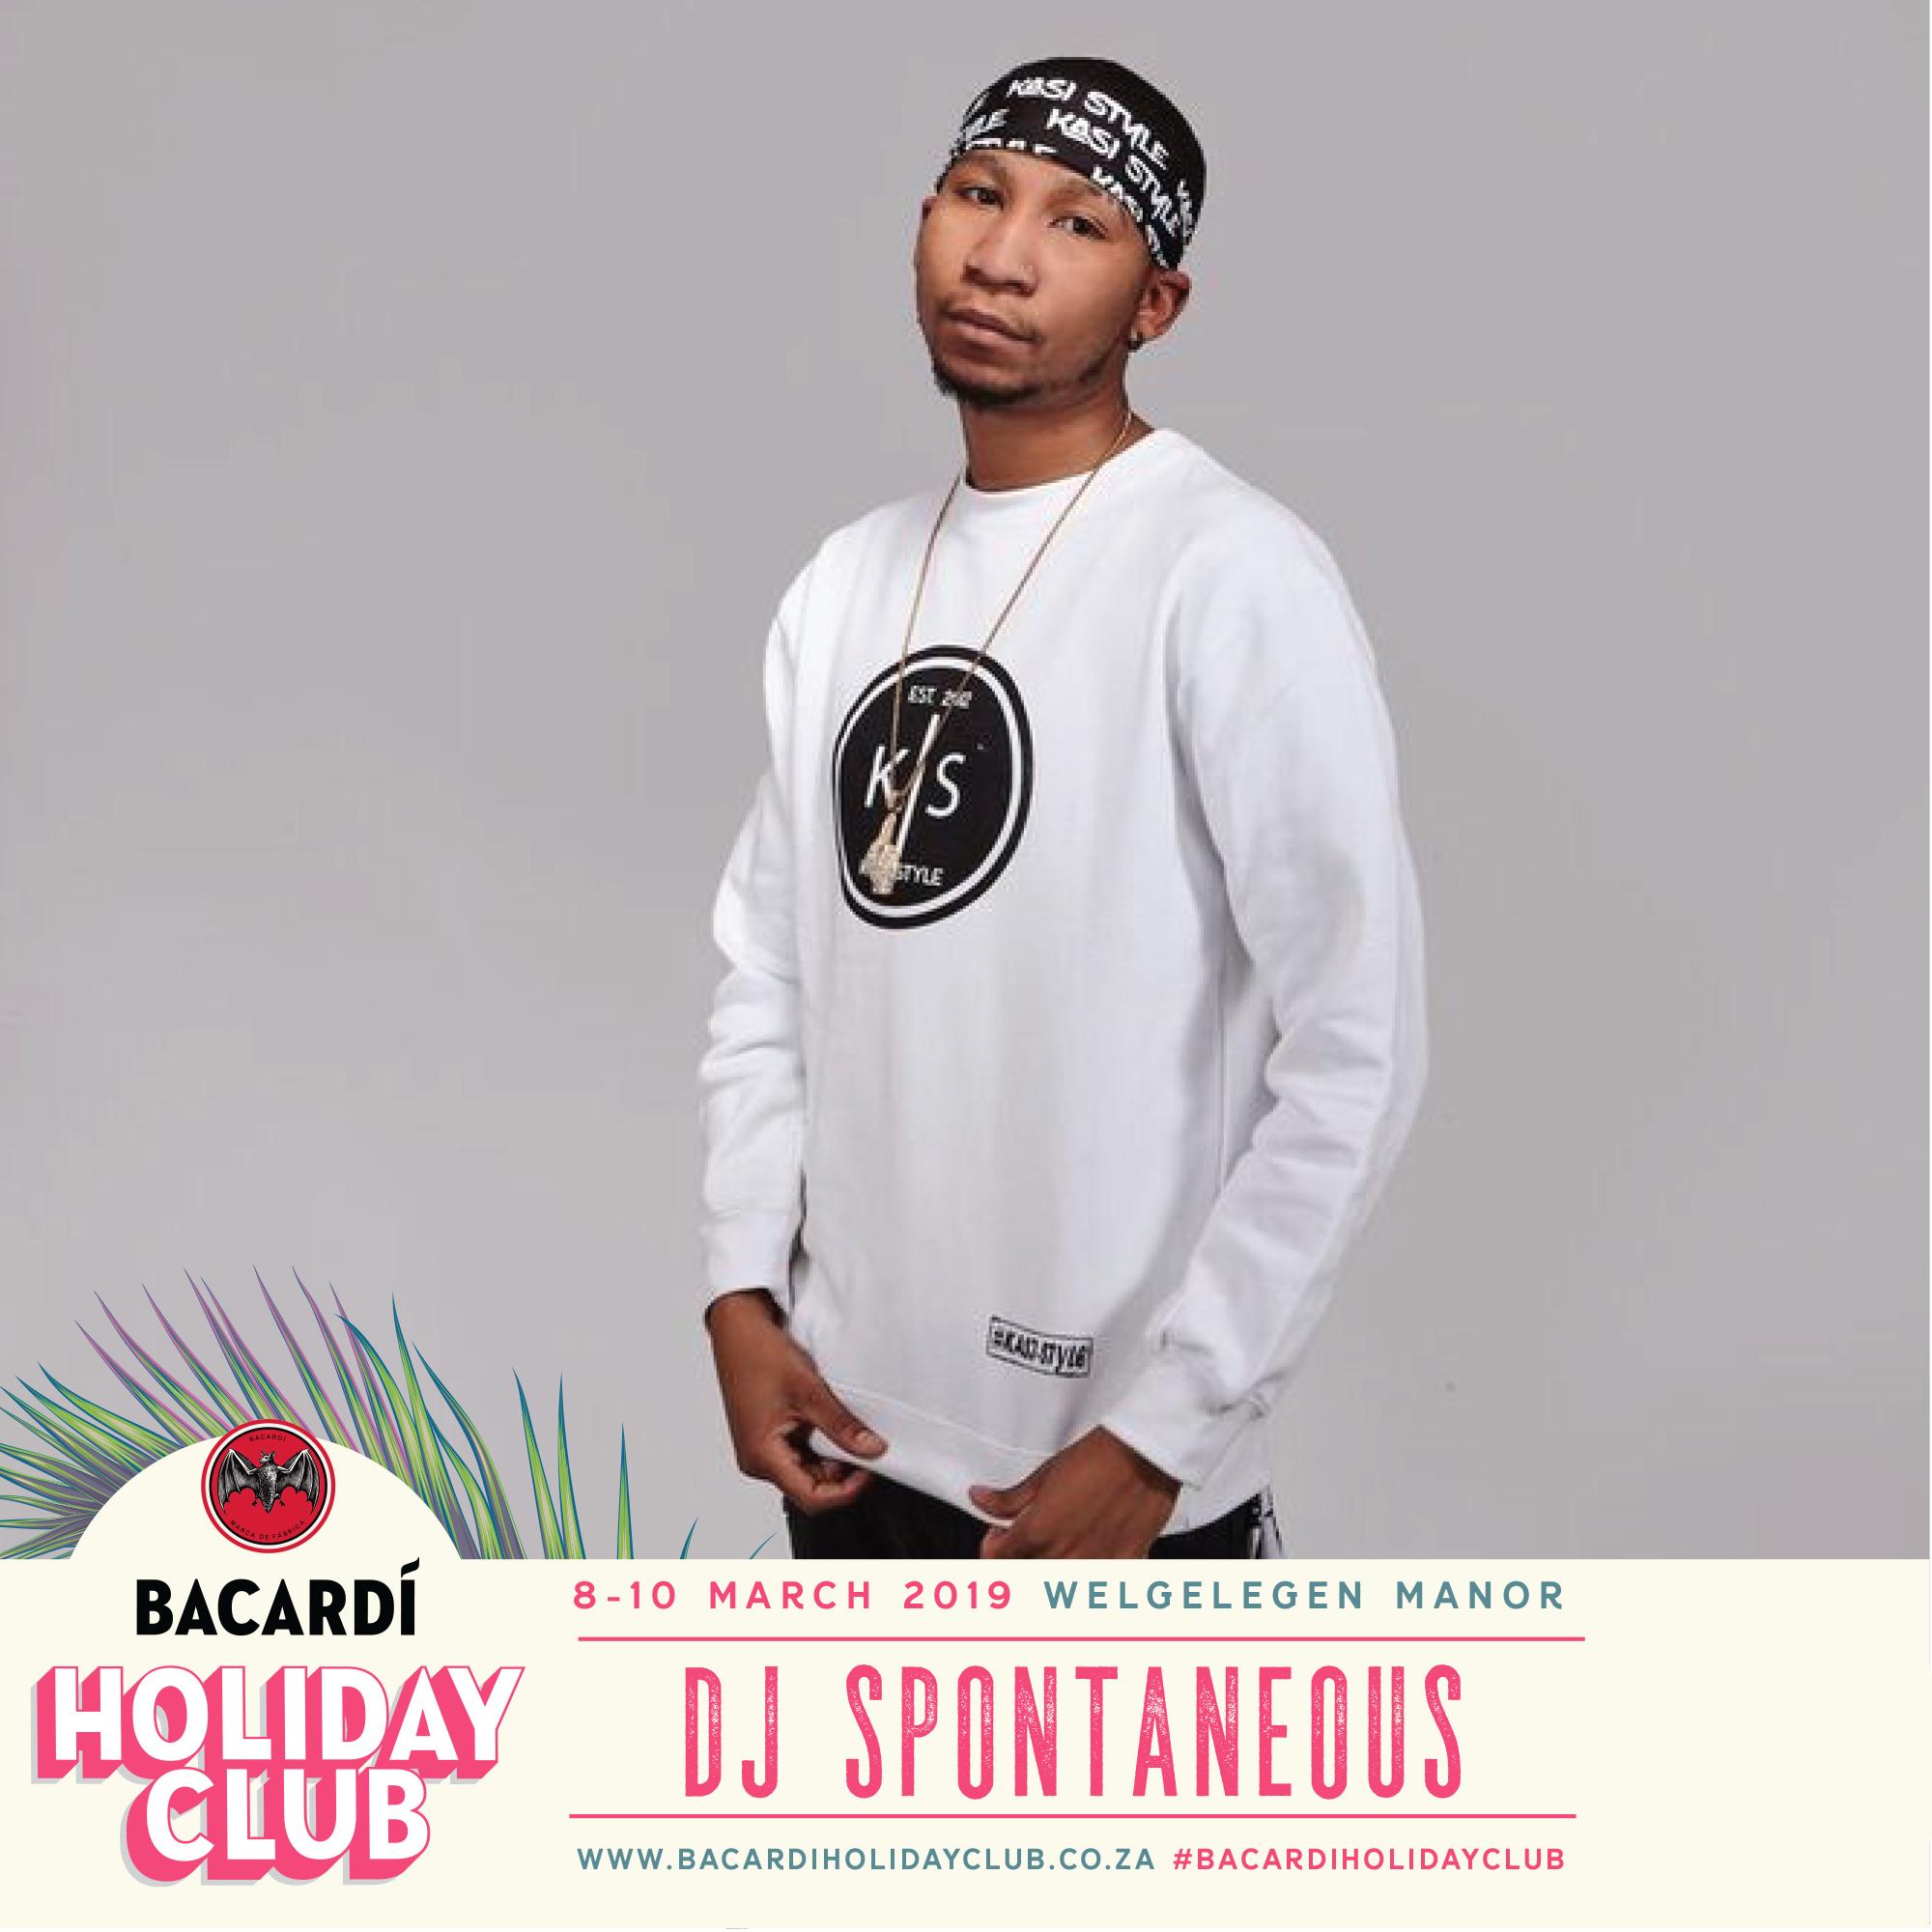 DJ Spontaneous